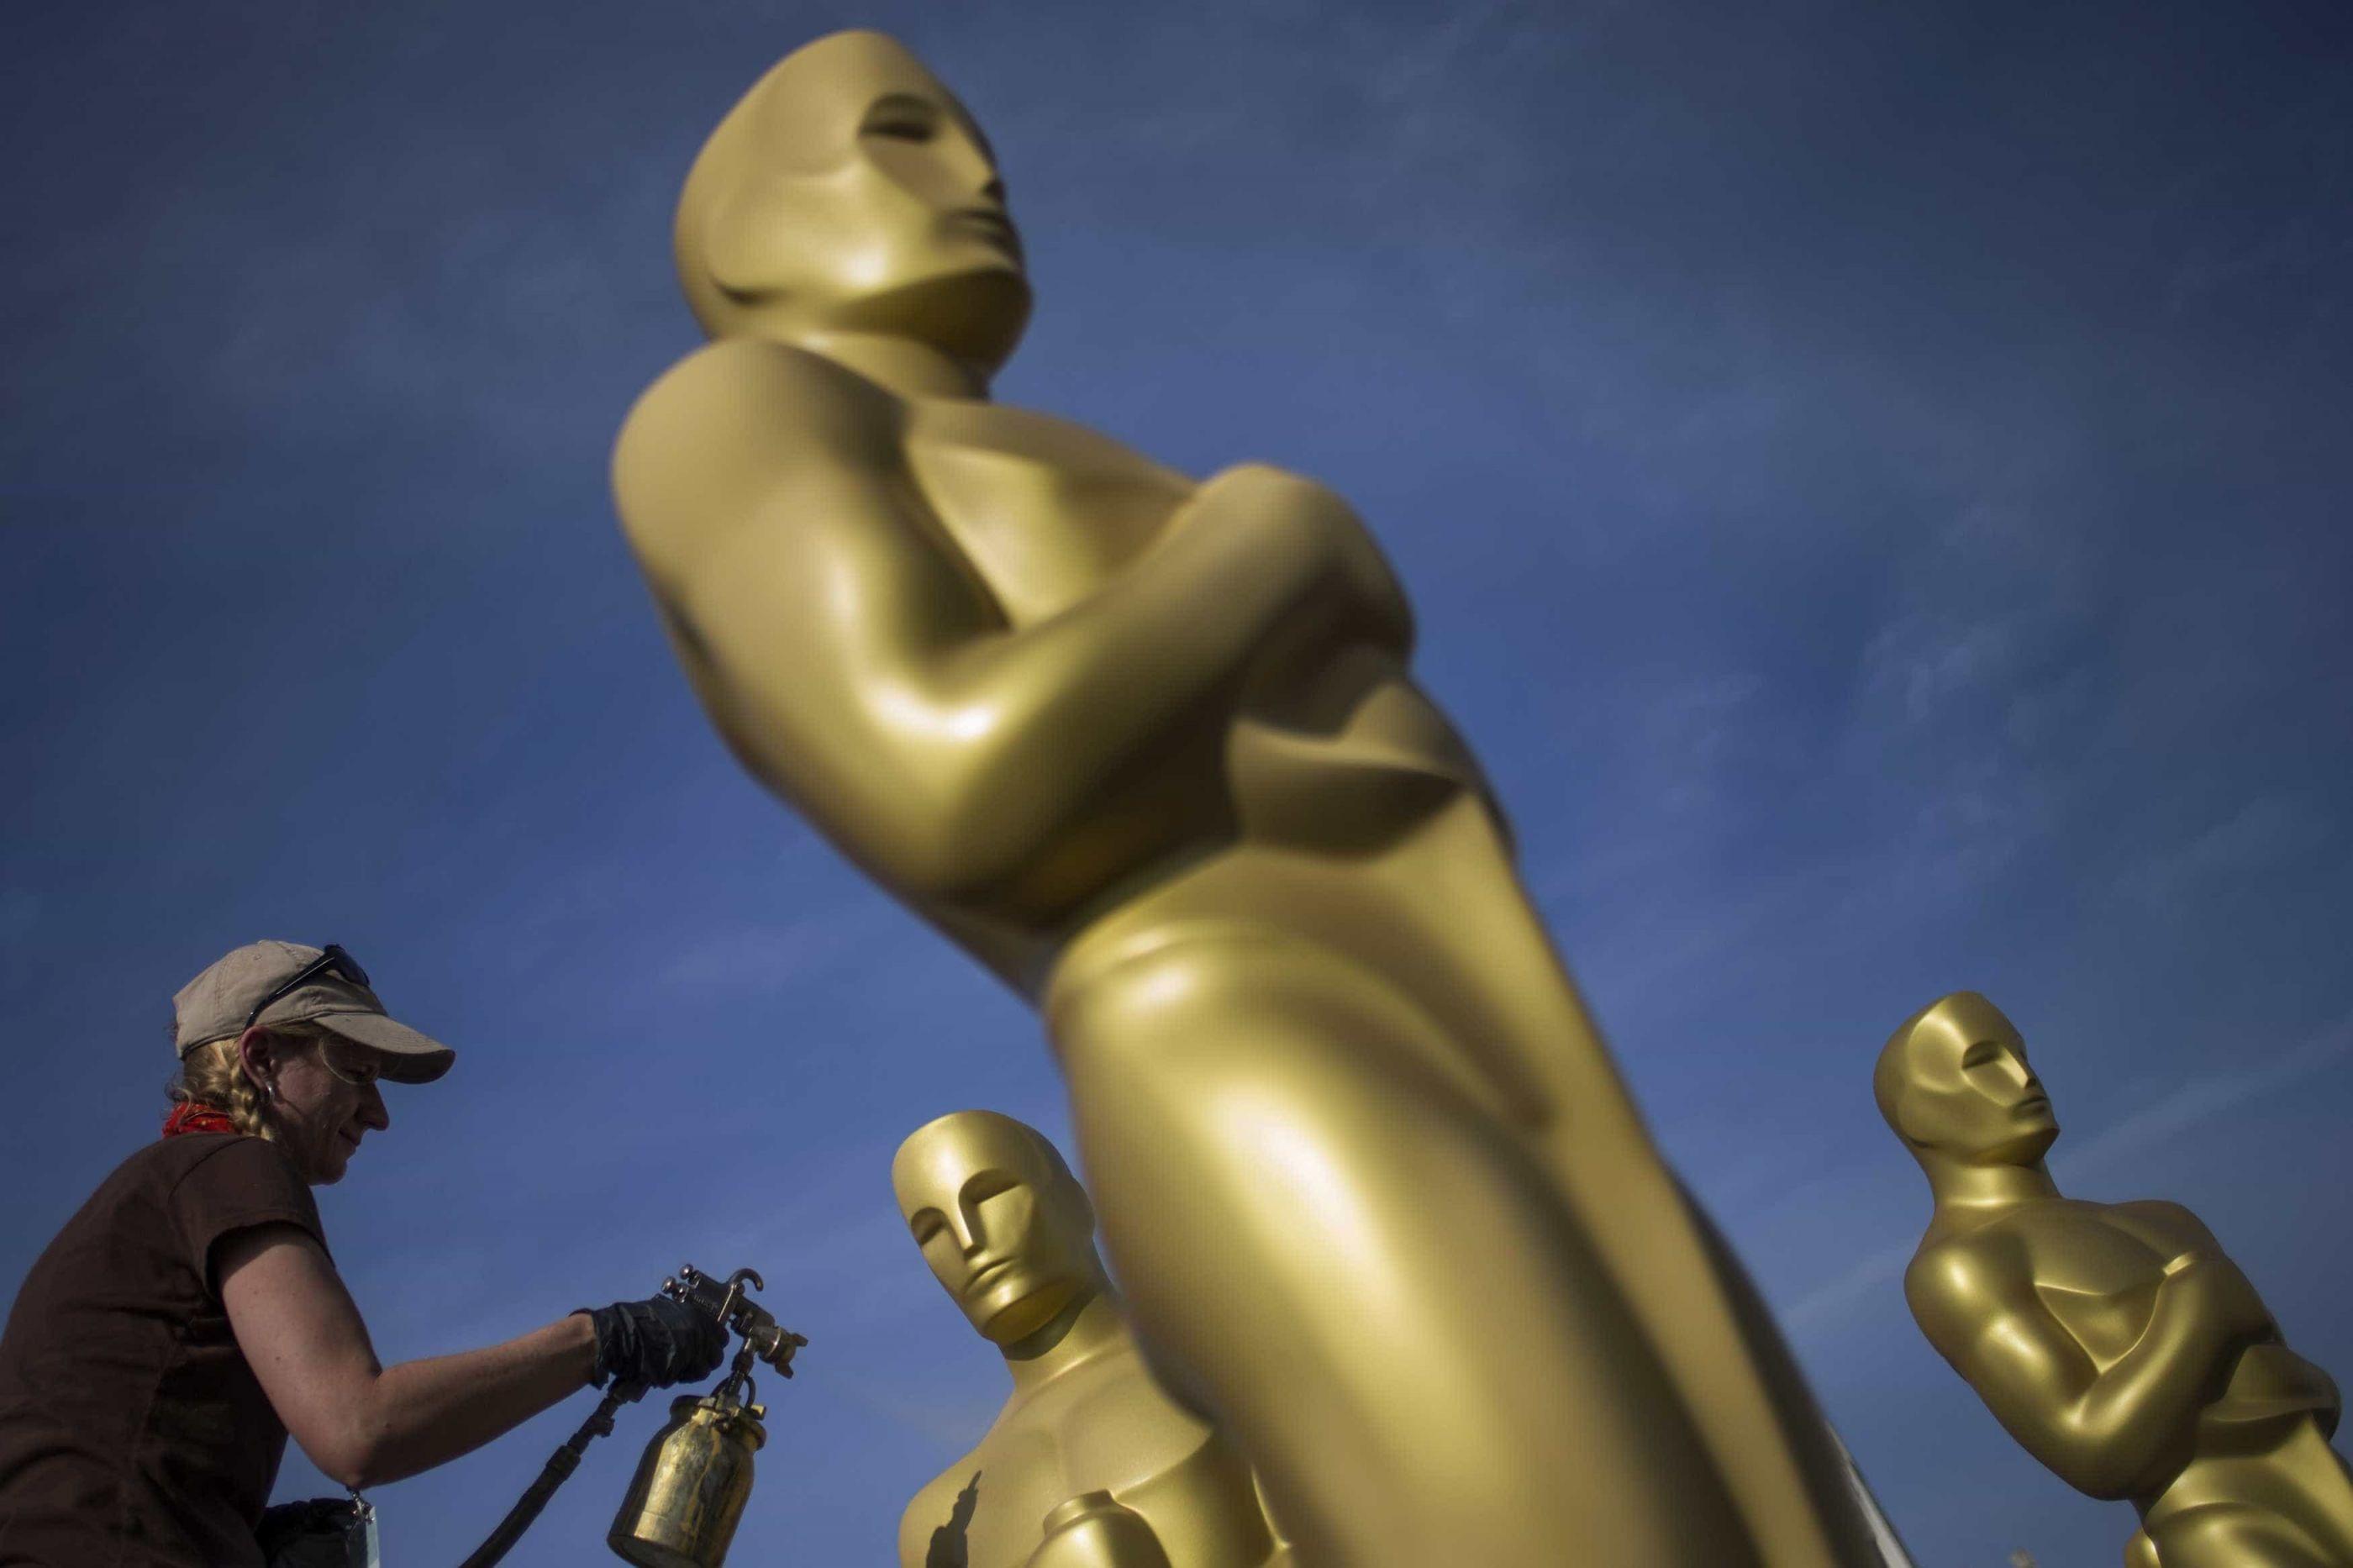 Óscares: 'Roma' e 'The Favourite' lideram com 'Black Panther' em destaque